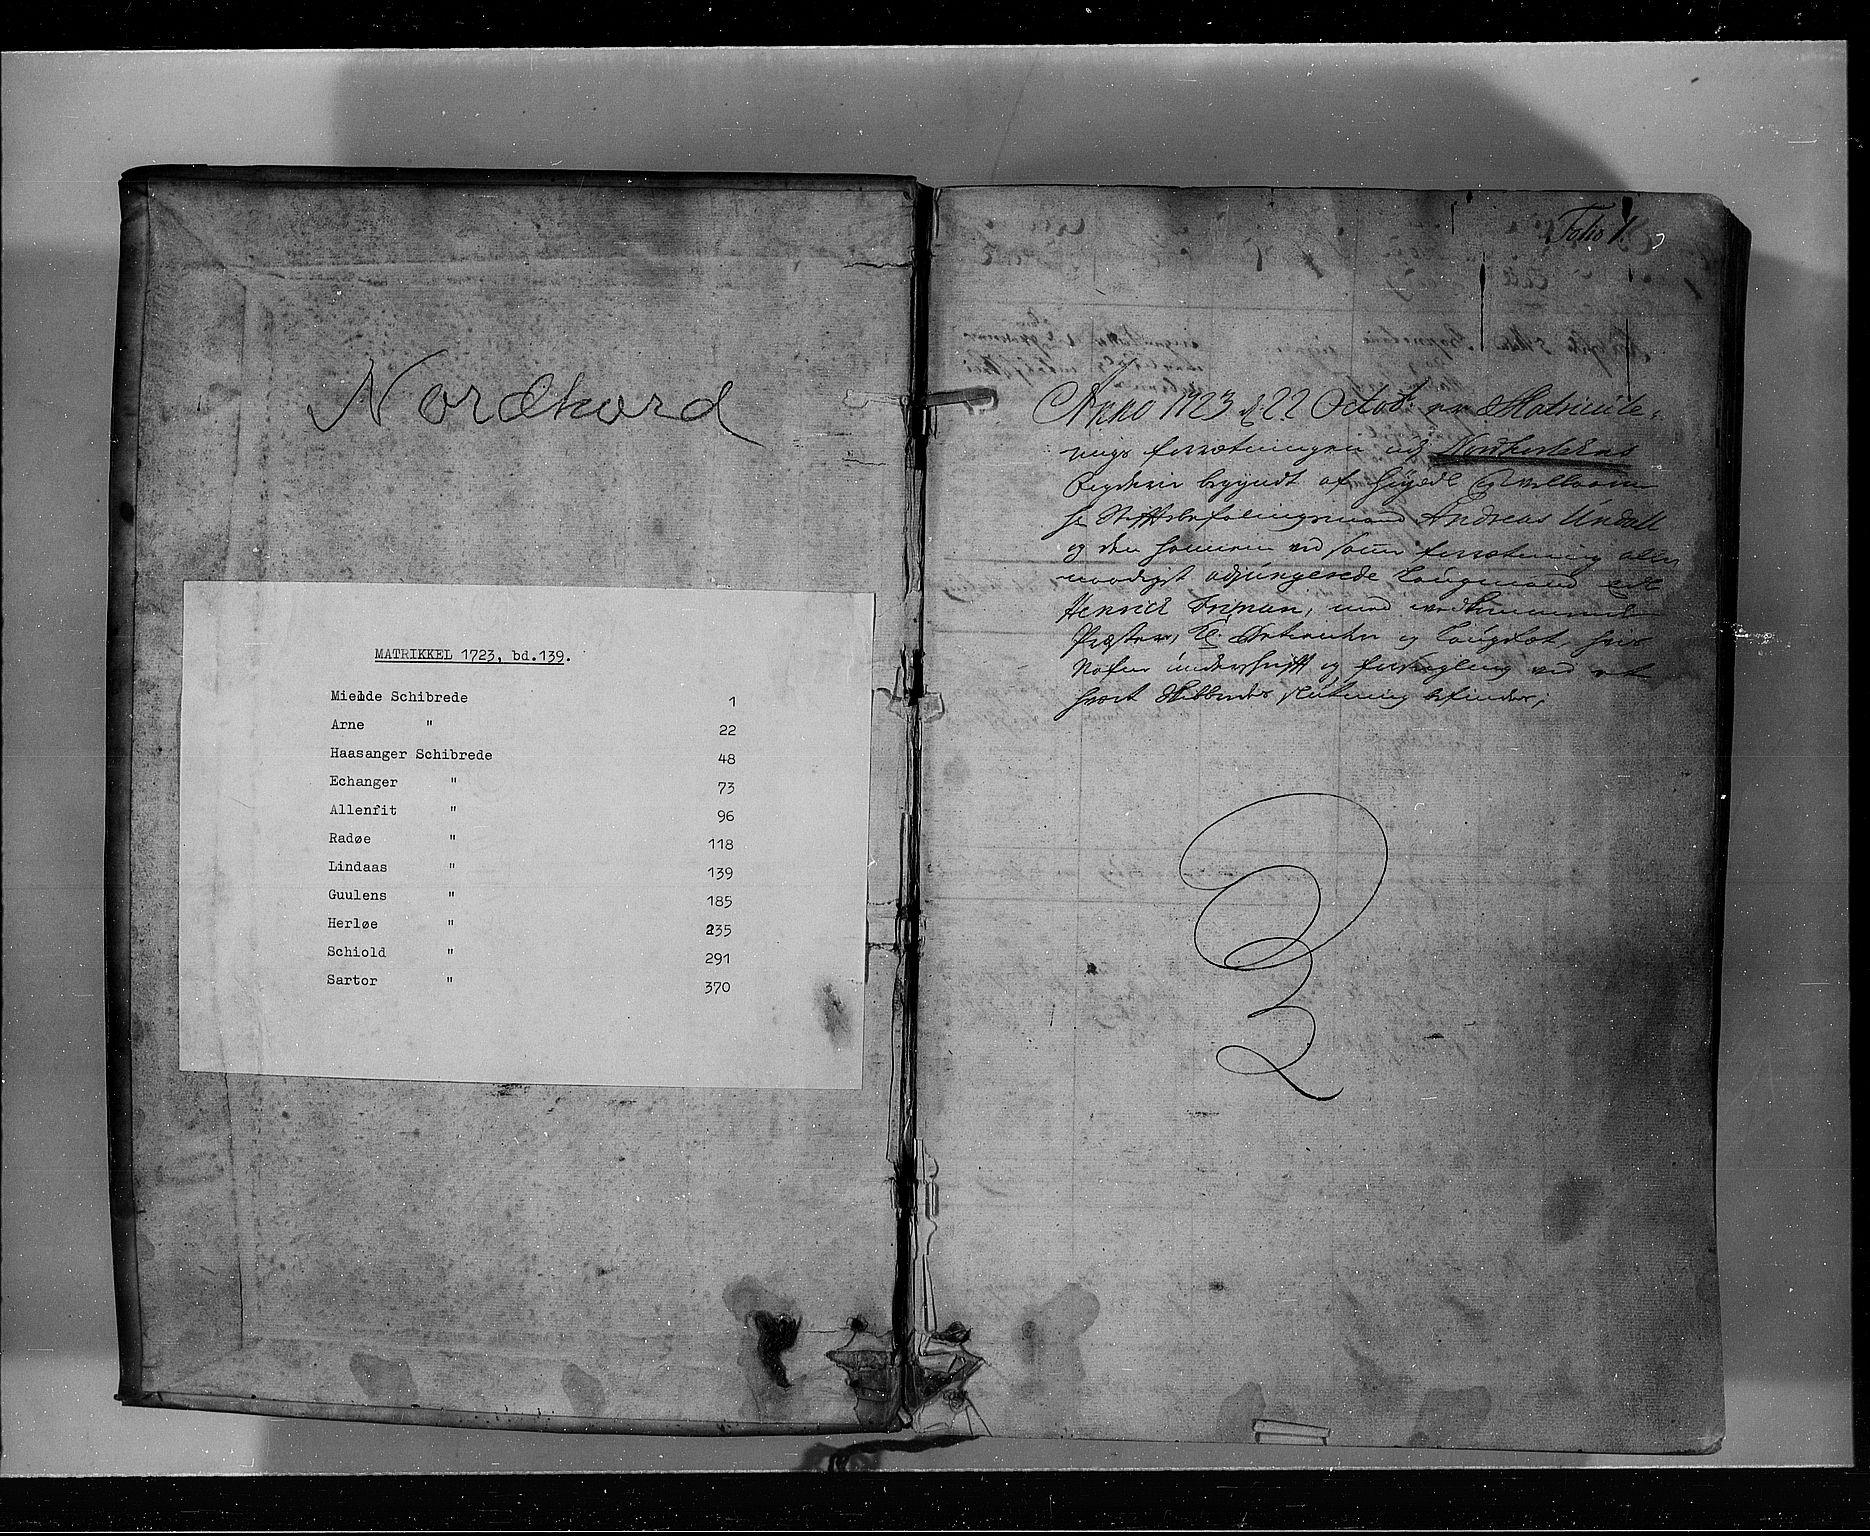 RA, Rentekammeret inntil 1814, Realistisk ordnet avdeling, N/Nb/Nbf/L0139: Nordhordland eksaminasjonsprotokoll, 1723, s. 1a